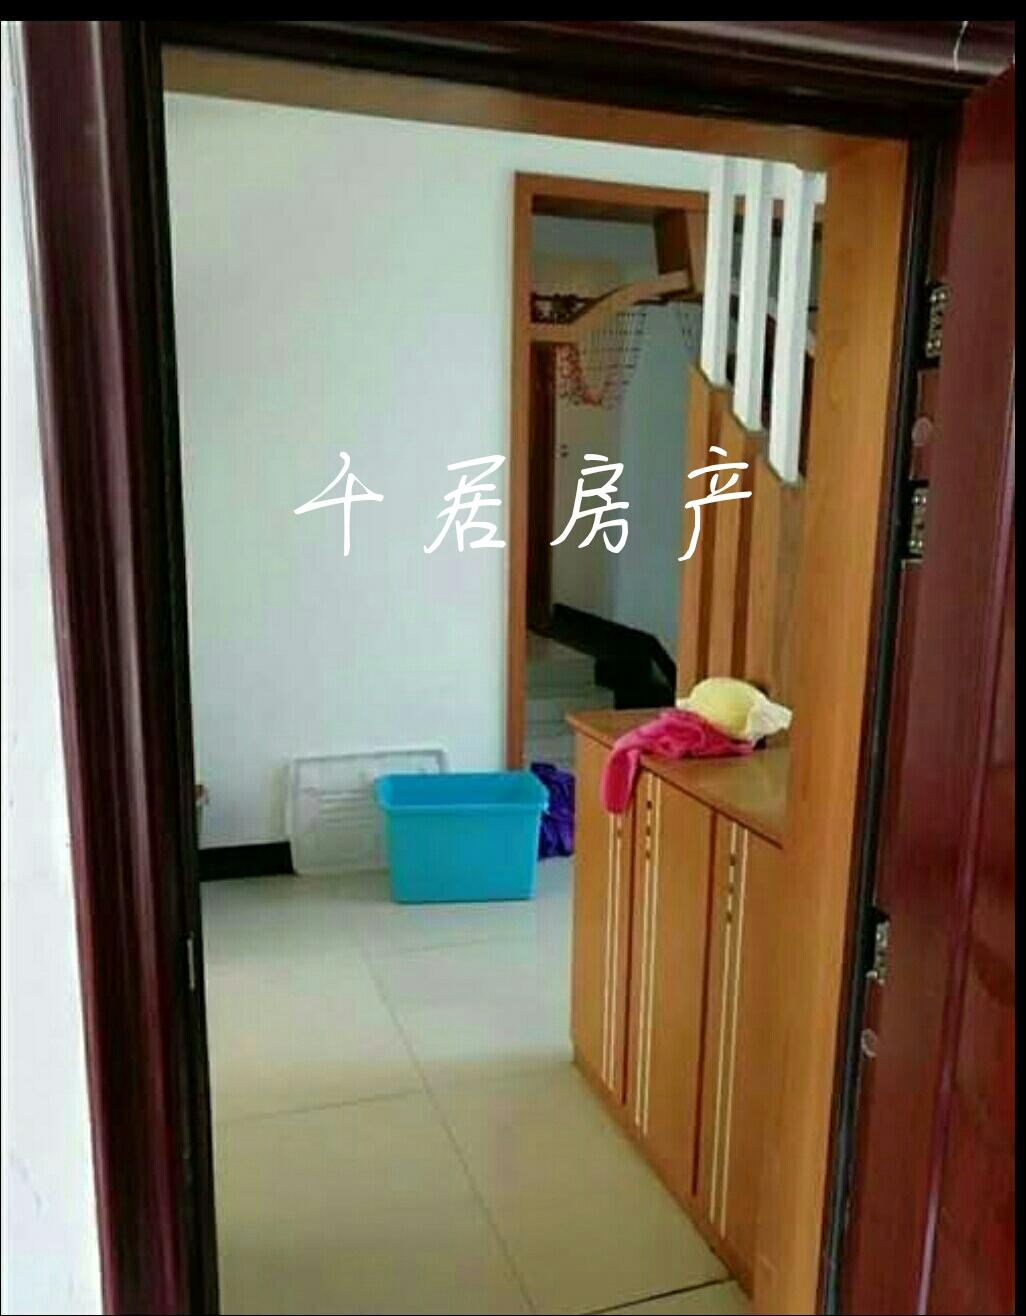 兴阳花苑3室2厅2卫41.8万元低楼层好房出售